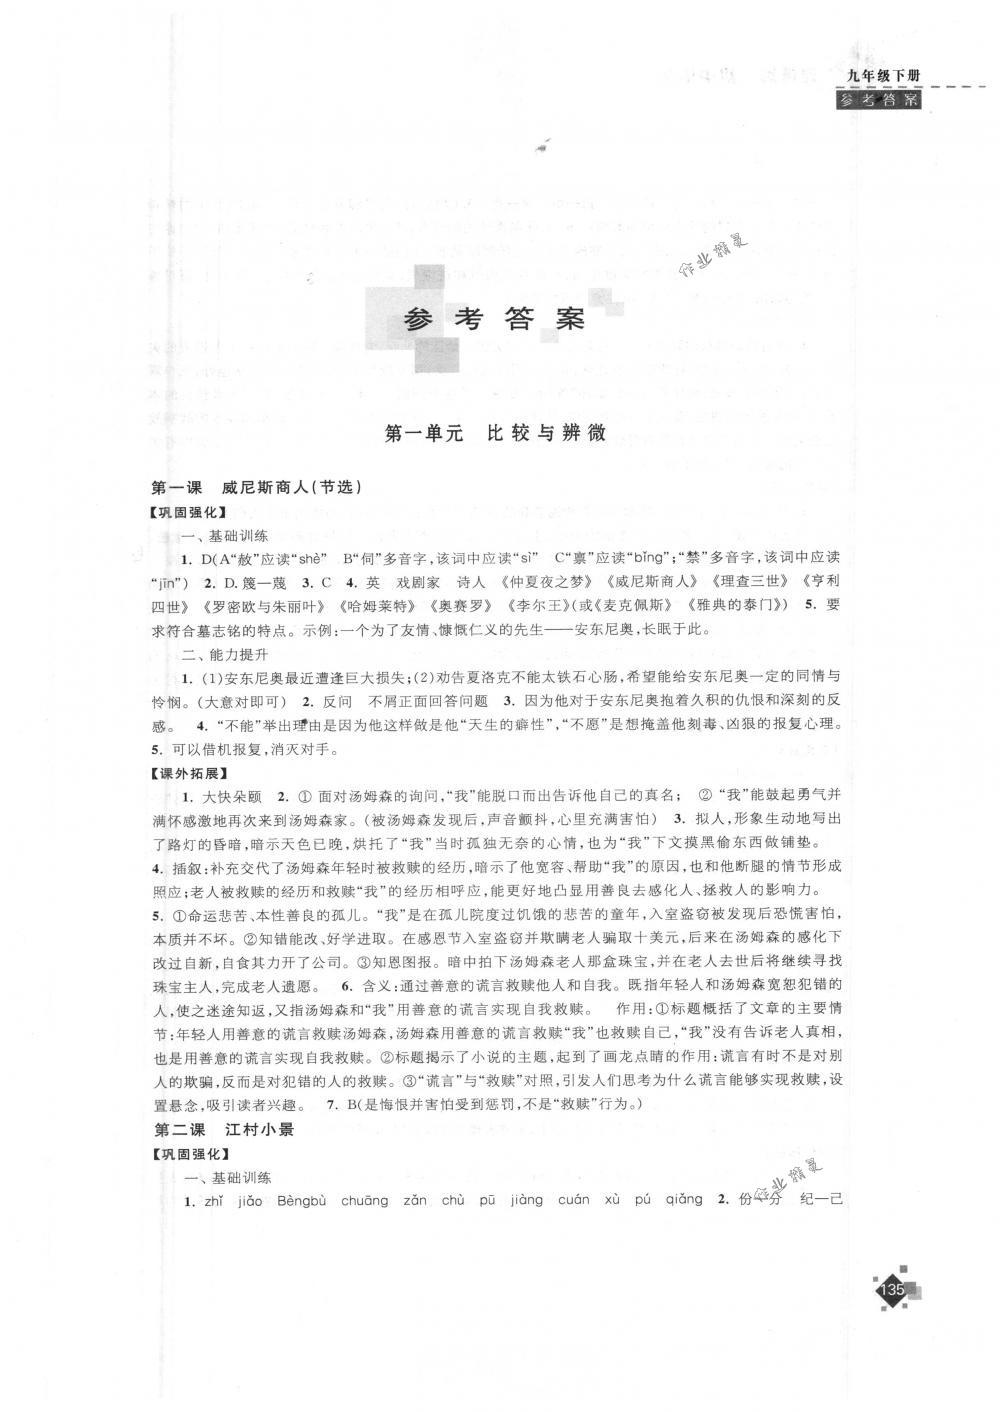 2018年课课练初中语文九年级下册苏教版第1页